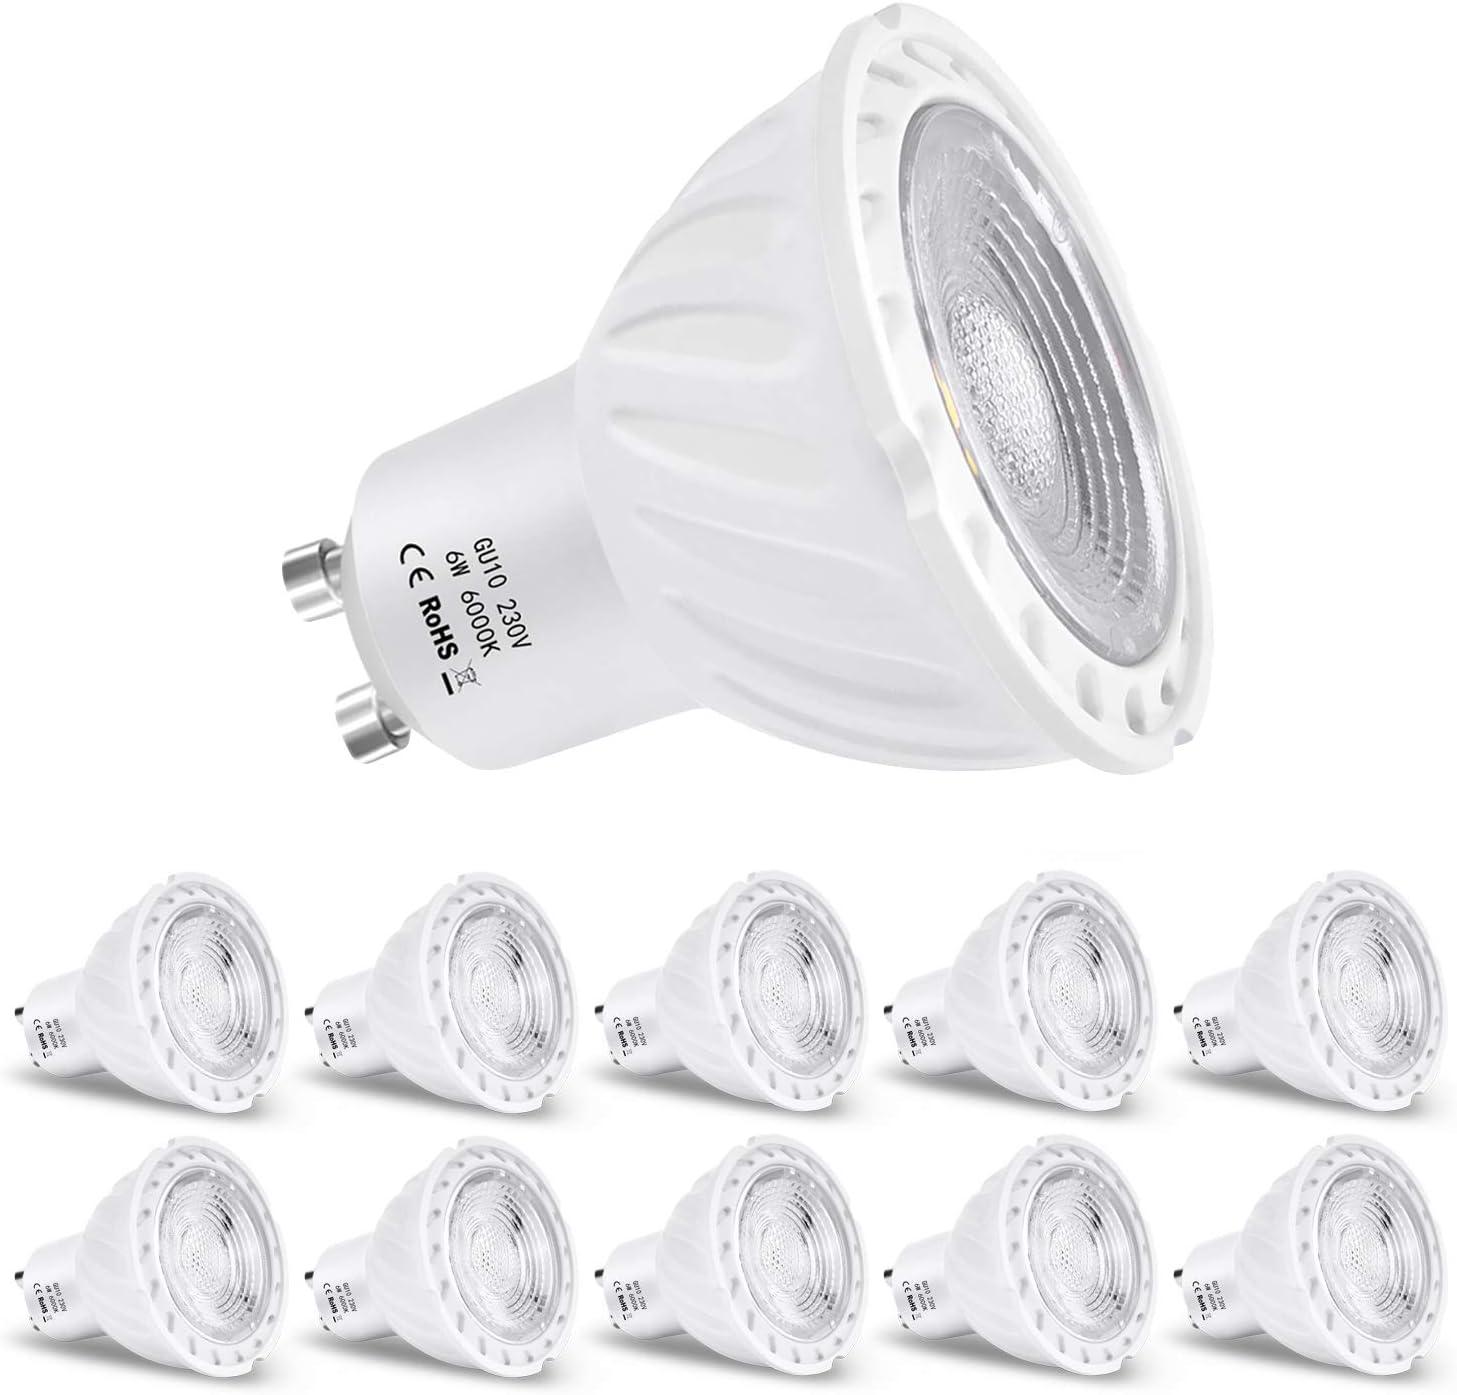 Zikey 6W GU10 Bombilla LED, Luz Blanca Fría 6000K, Equivalente a 60W Lámparas Halógenas, 600lm, No regulable - Paquete de 10: Amazon.es: Iluminación